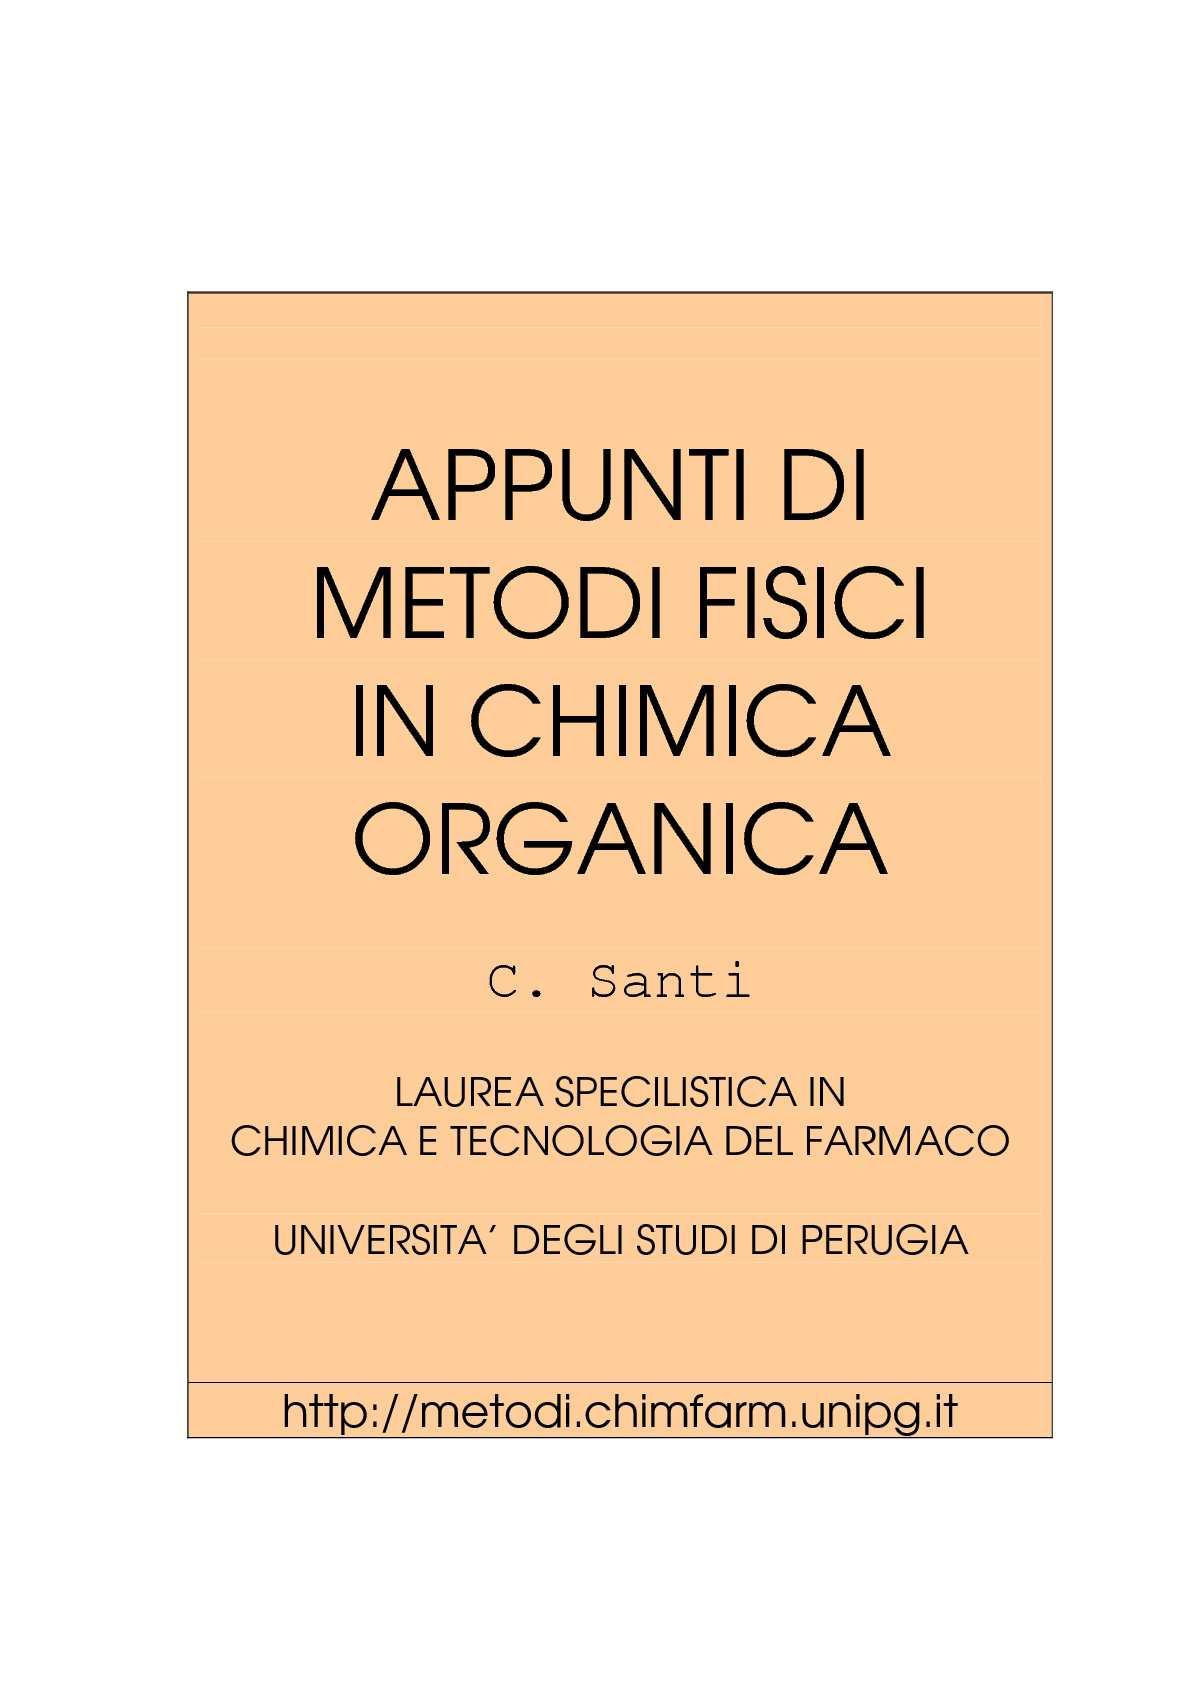 Metodi fisici chimica organica - Prof. Santi